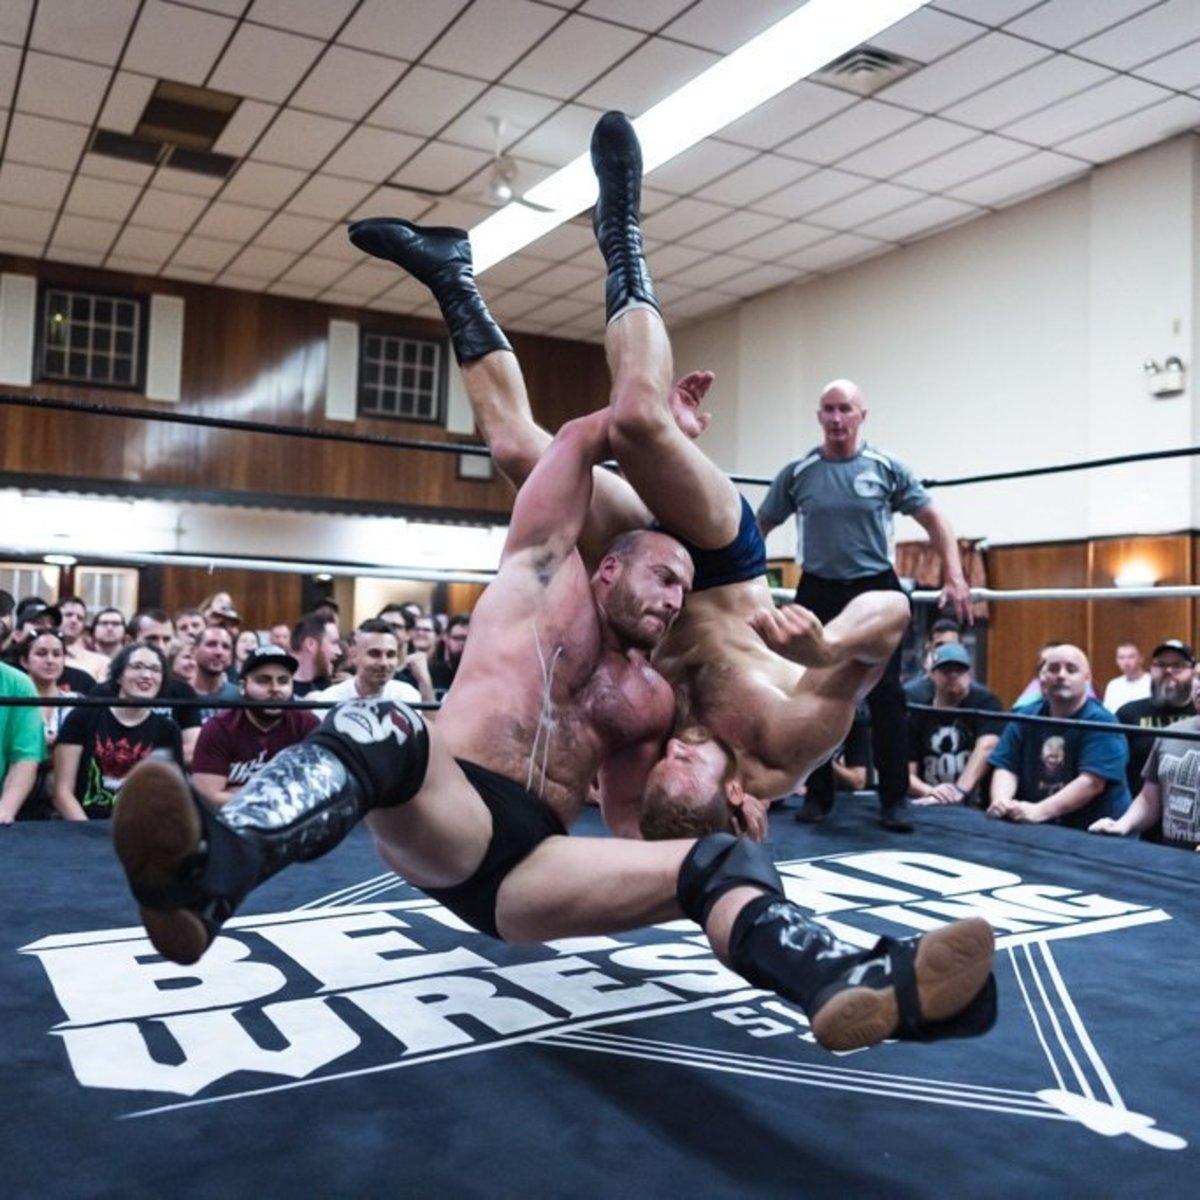 chris_dickinson_courtesy_beyond_wrestling.jpg